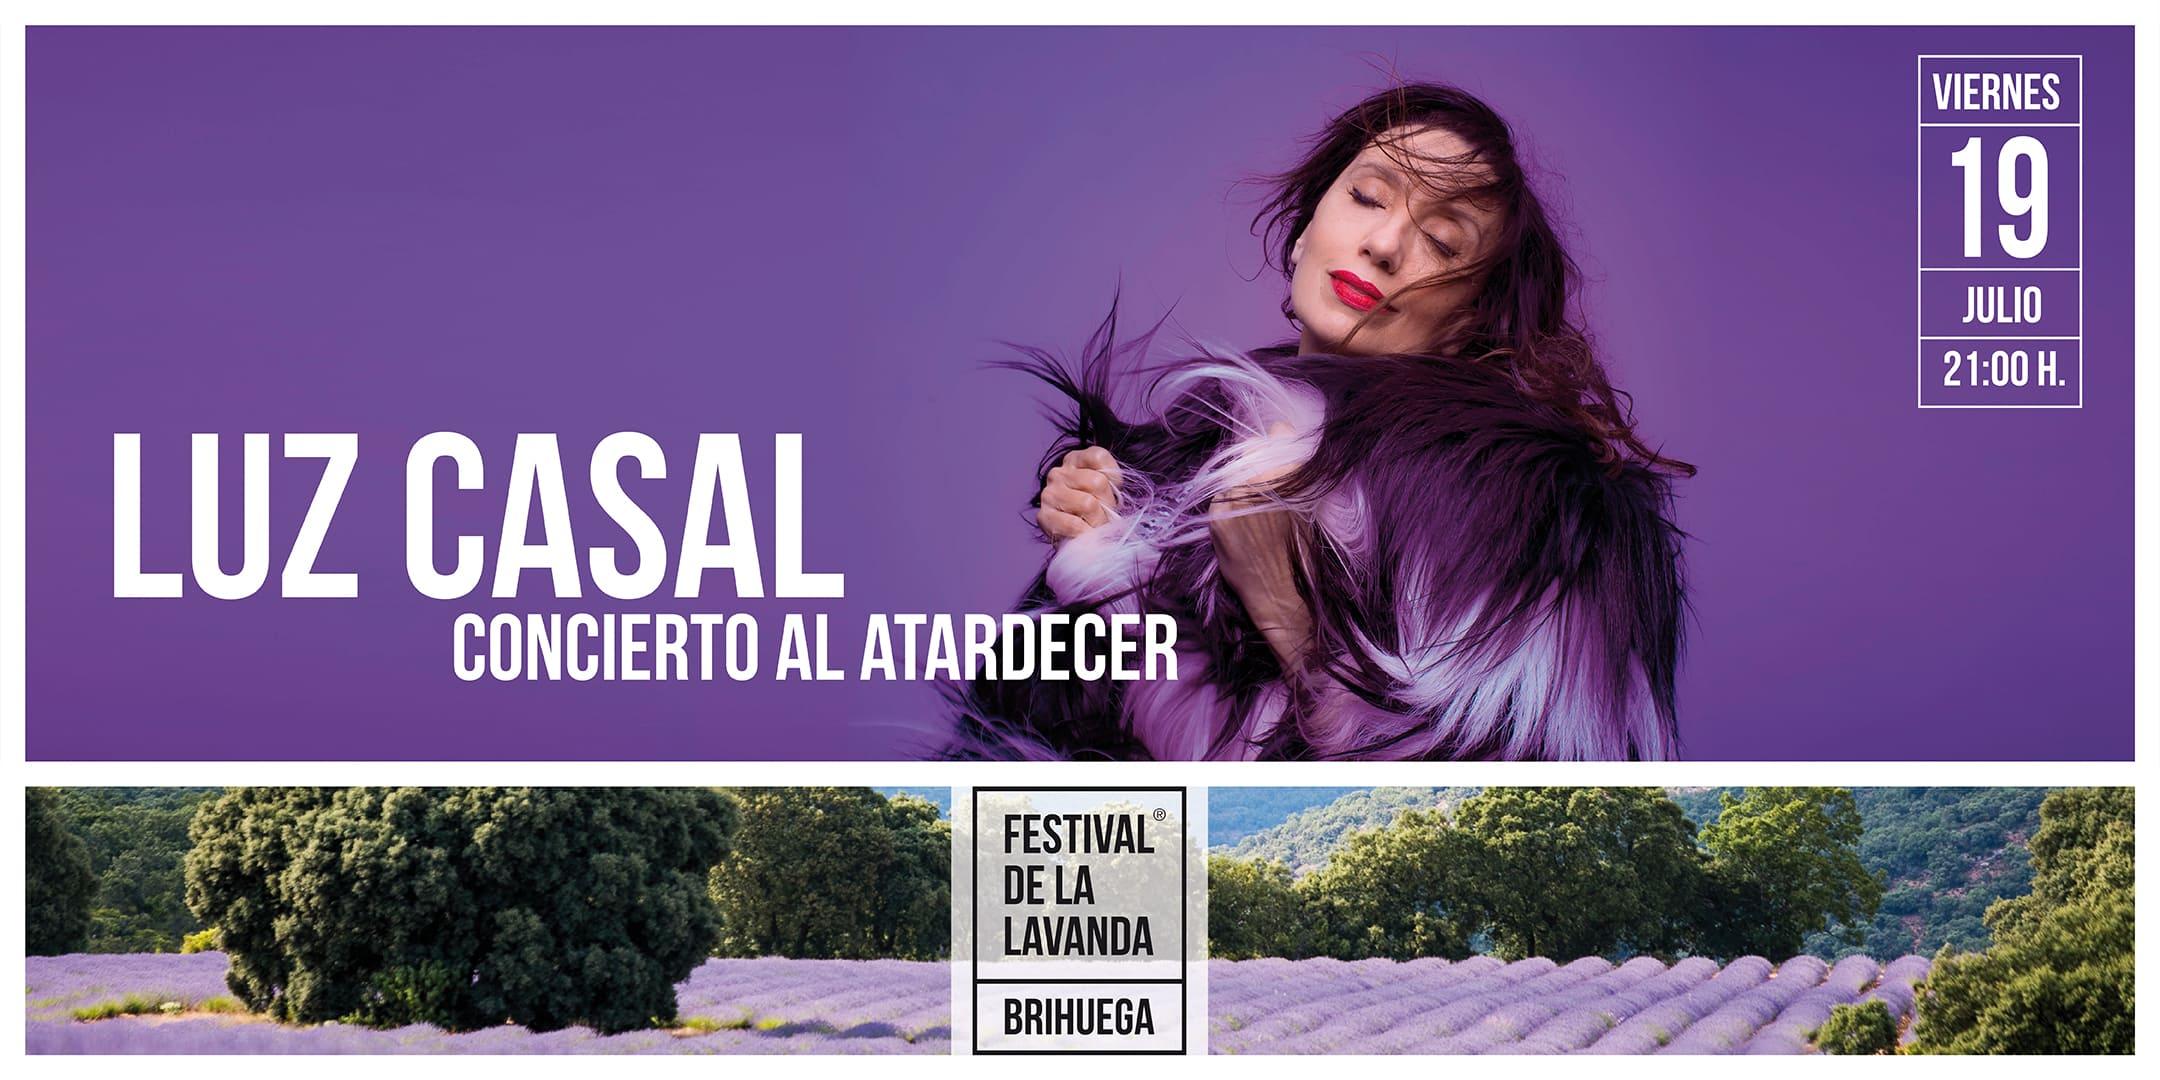 Cartel Festival de la Lavanda 2019 - Luz Casal